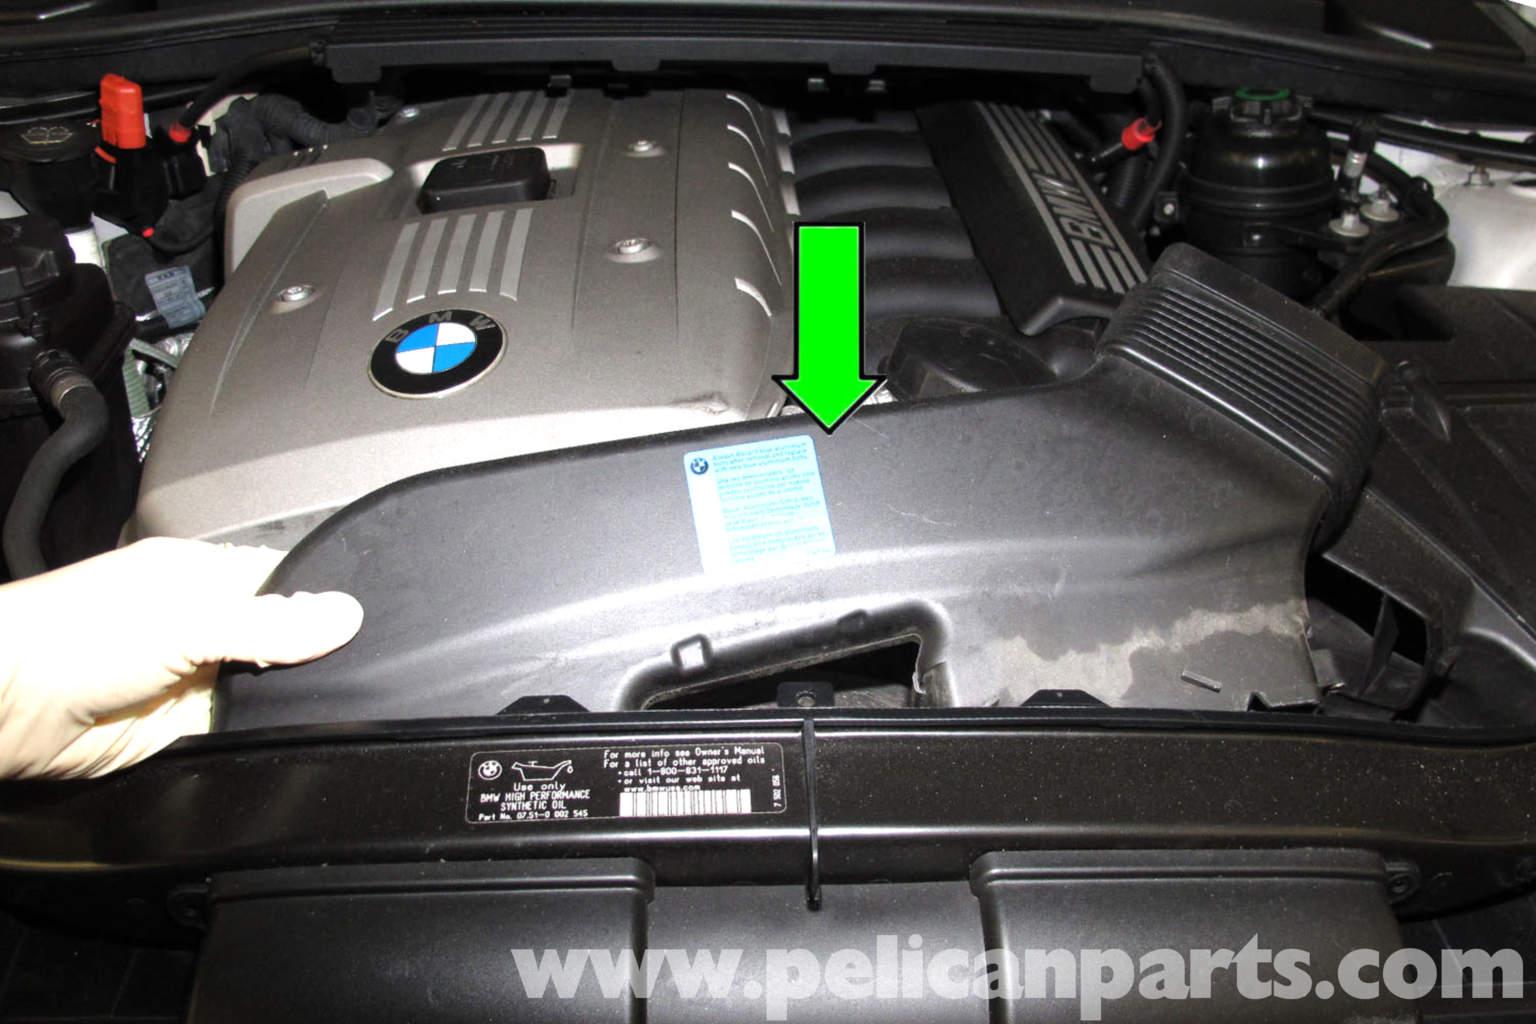 2007 BMW 328I Camshaft Position Sensor Location